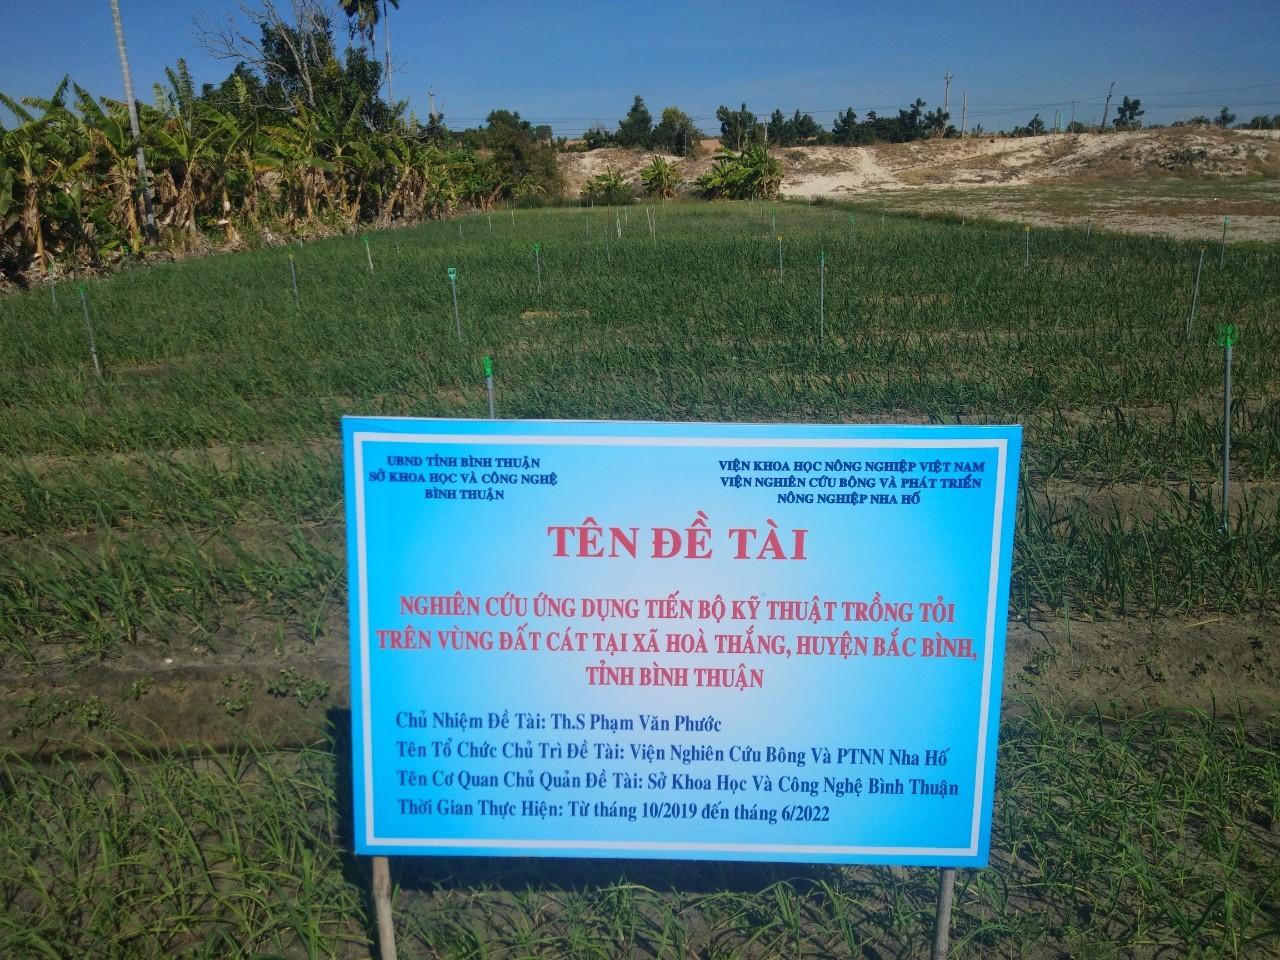 """Kiểm tra tiến độ đề tài: """"Nghiên cứu ứng dụng tiến bộ kỹ thuật trồng tỏi trên vùng đất cát tại xã Hòa Thắng, huyện Bắc Bình, tỉnh Bình Thuận"""" đợt 1 năm 2020"""